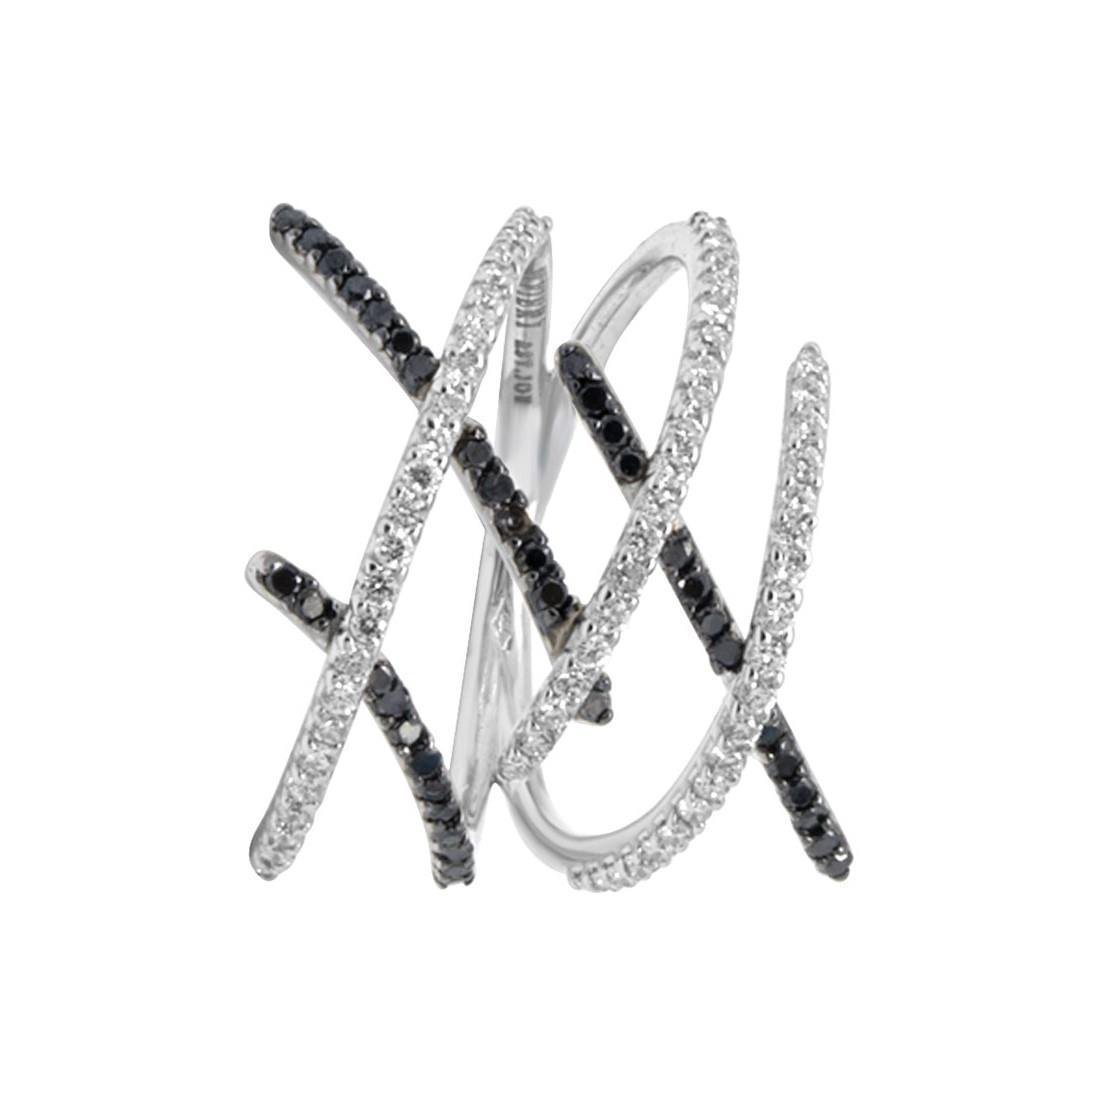 Anello in oro bianco con diamanti ct 0.33 - ALFIERI ST JOHN